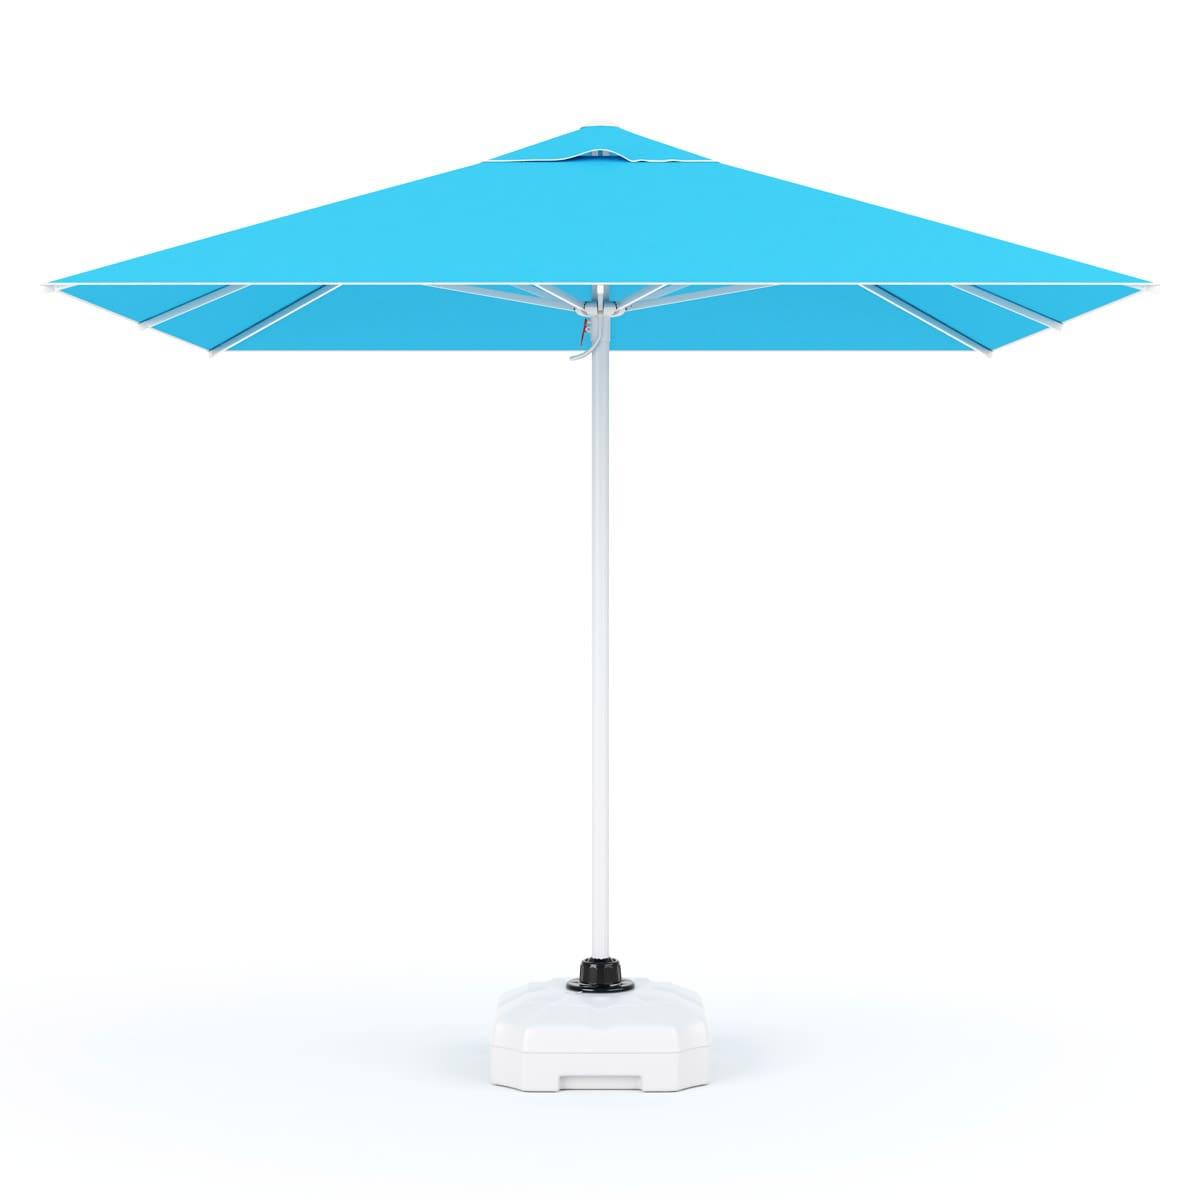 Bahex Parasol Mega Manuel 250 X 250 Havuz Şemsiyesi + 70 Lt. Bidon